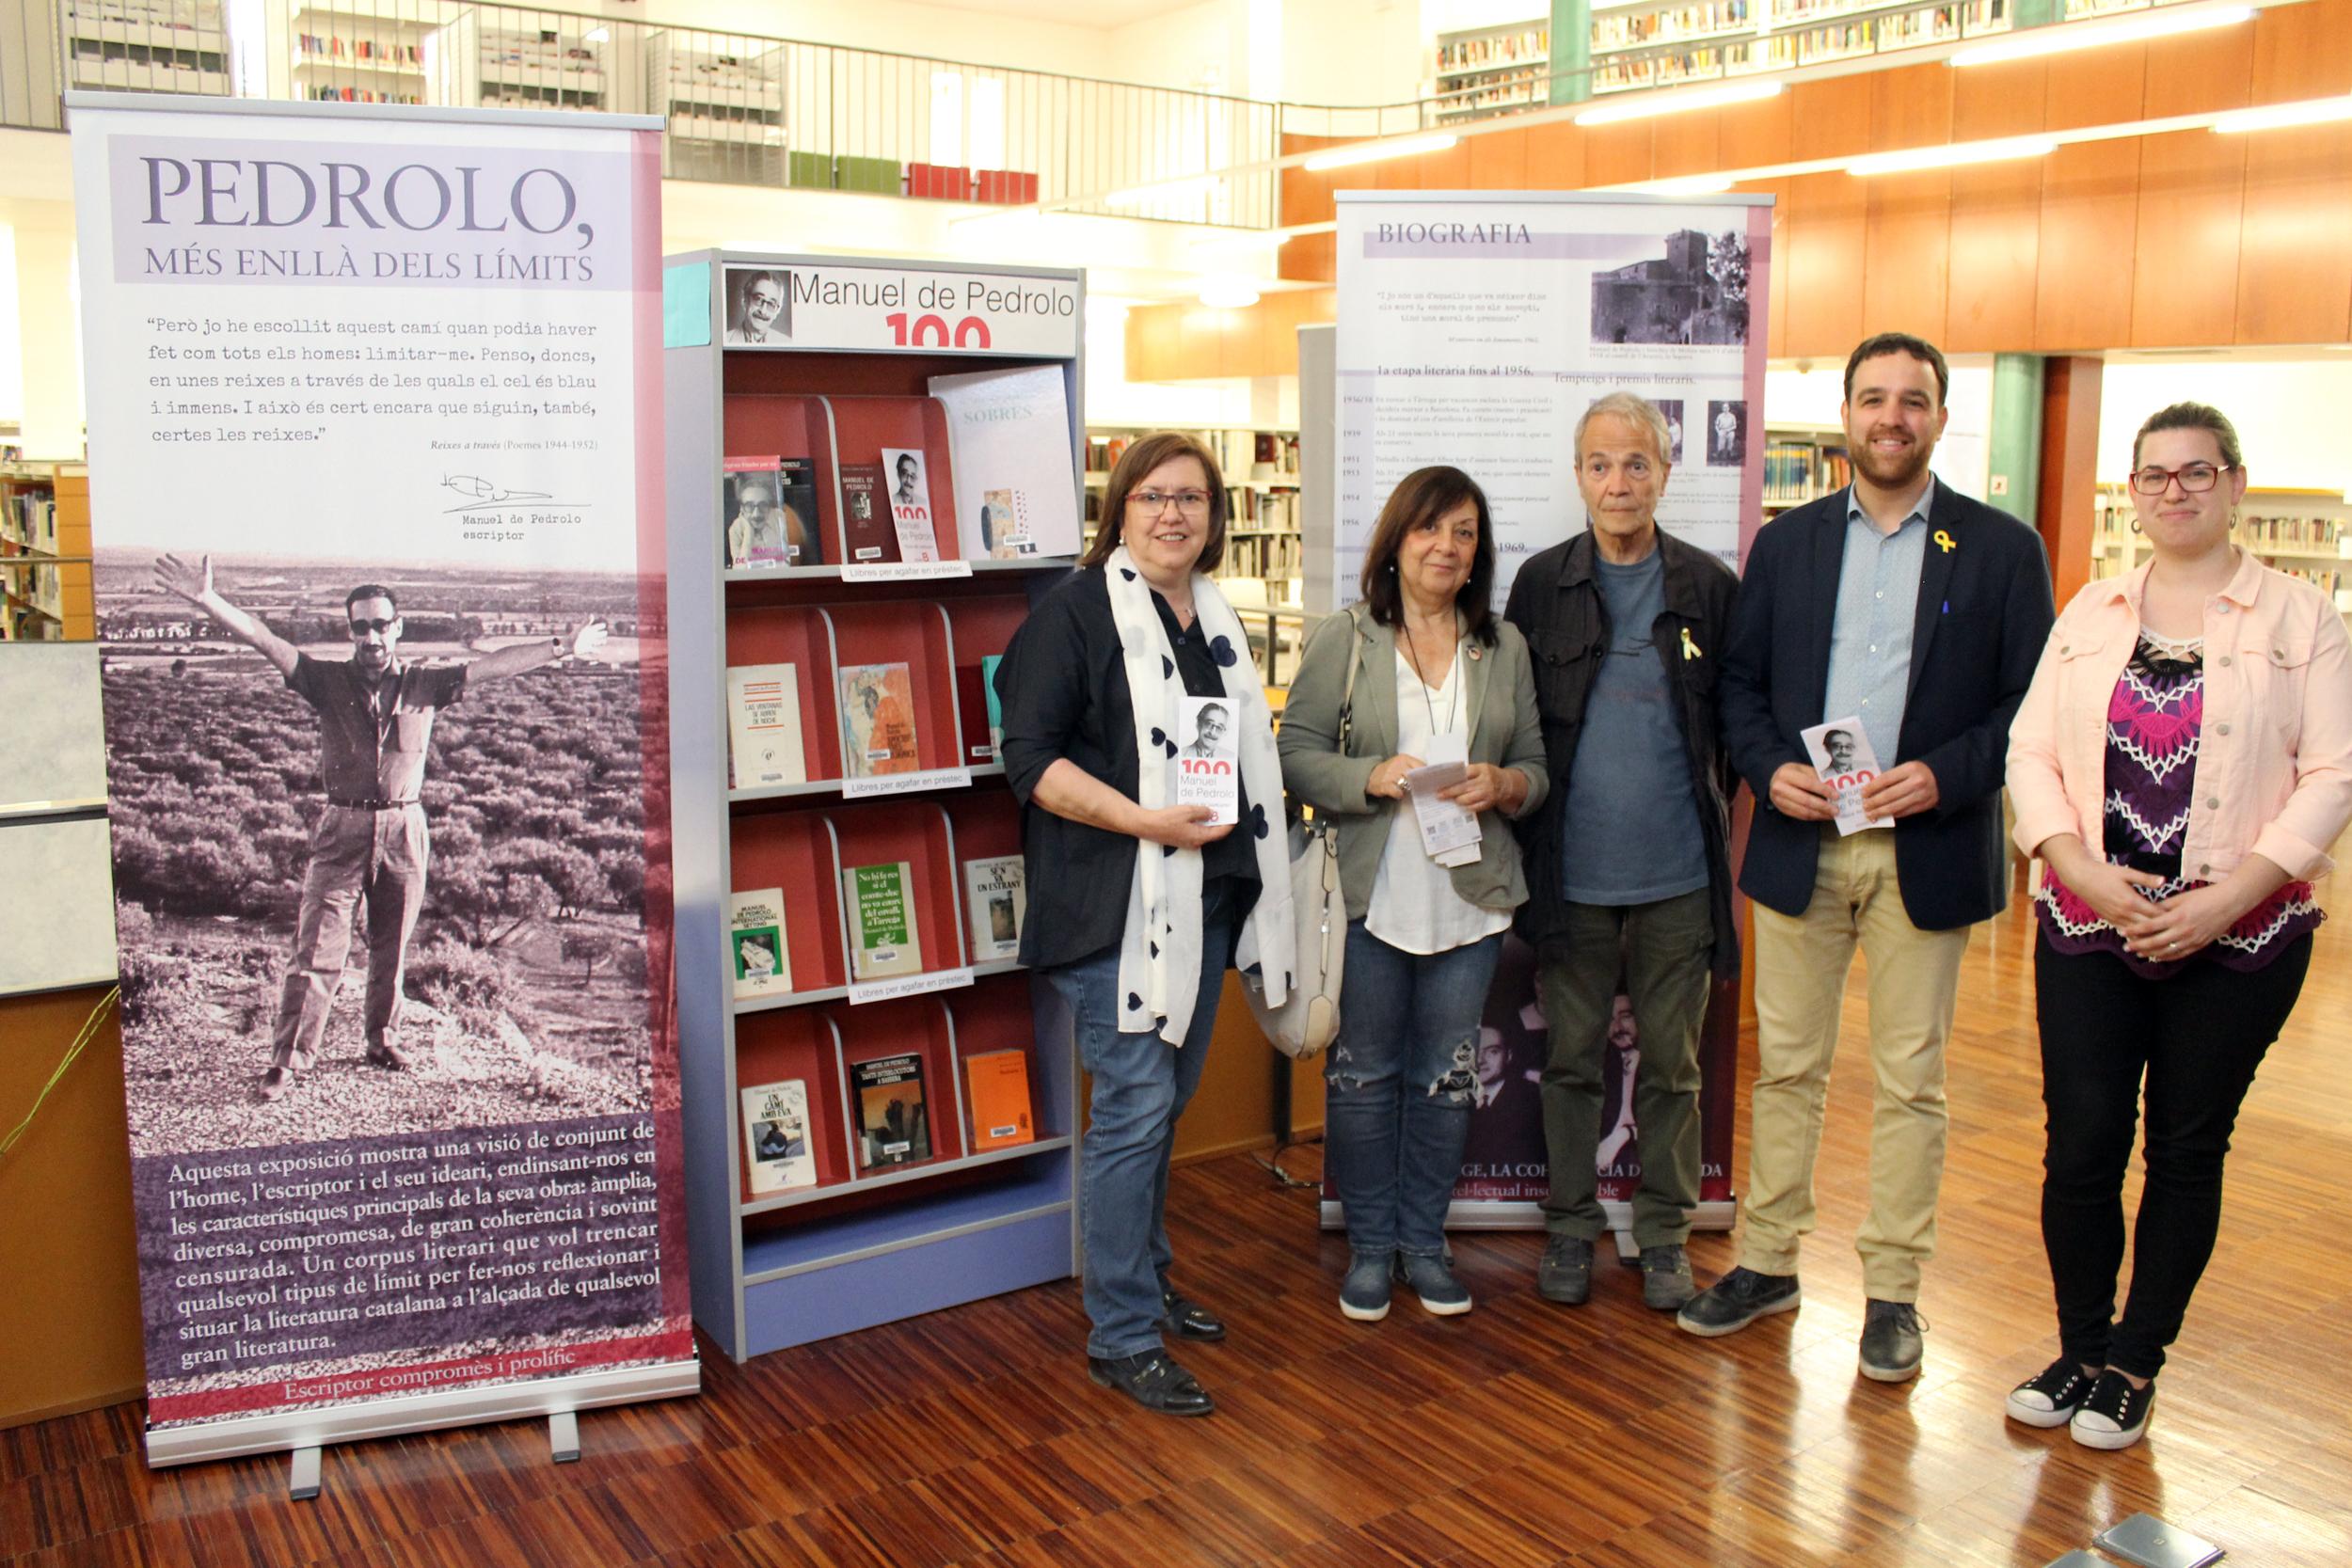 La Biblioteca Comarcal de Tàrrega acull fins al 5 de maig una exposició que posa en valor l'obra i el pensament de l'escriptor Manuel de Pedrolo